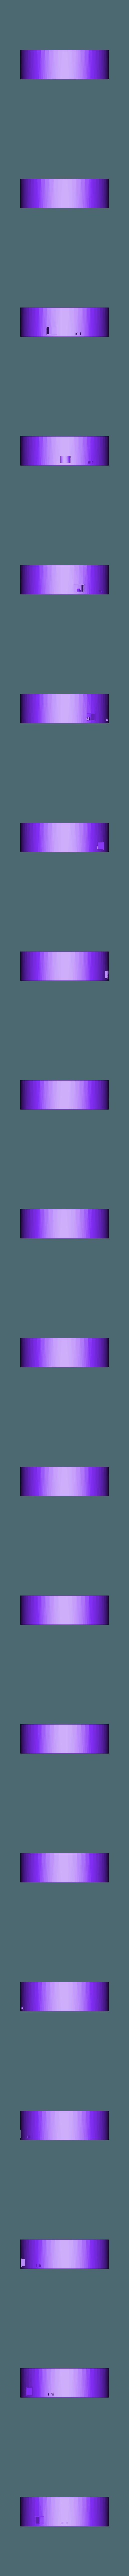 Part2.STL Télécharger fichier STL gratuit Présentoir pivotant à 360 • Modèle à imprimer en 3D, MAKEIT